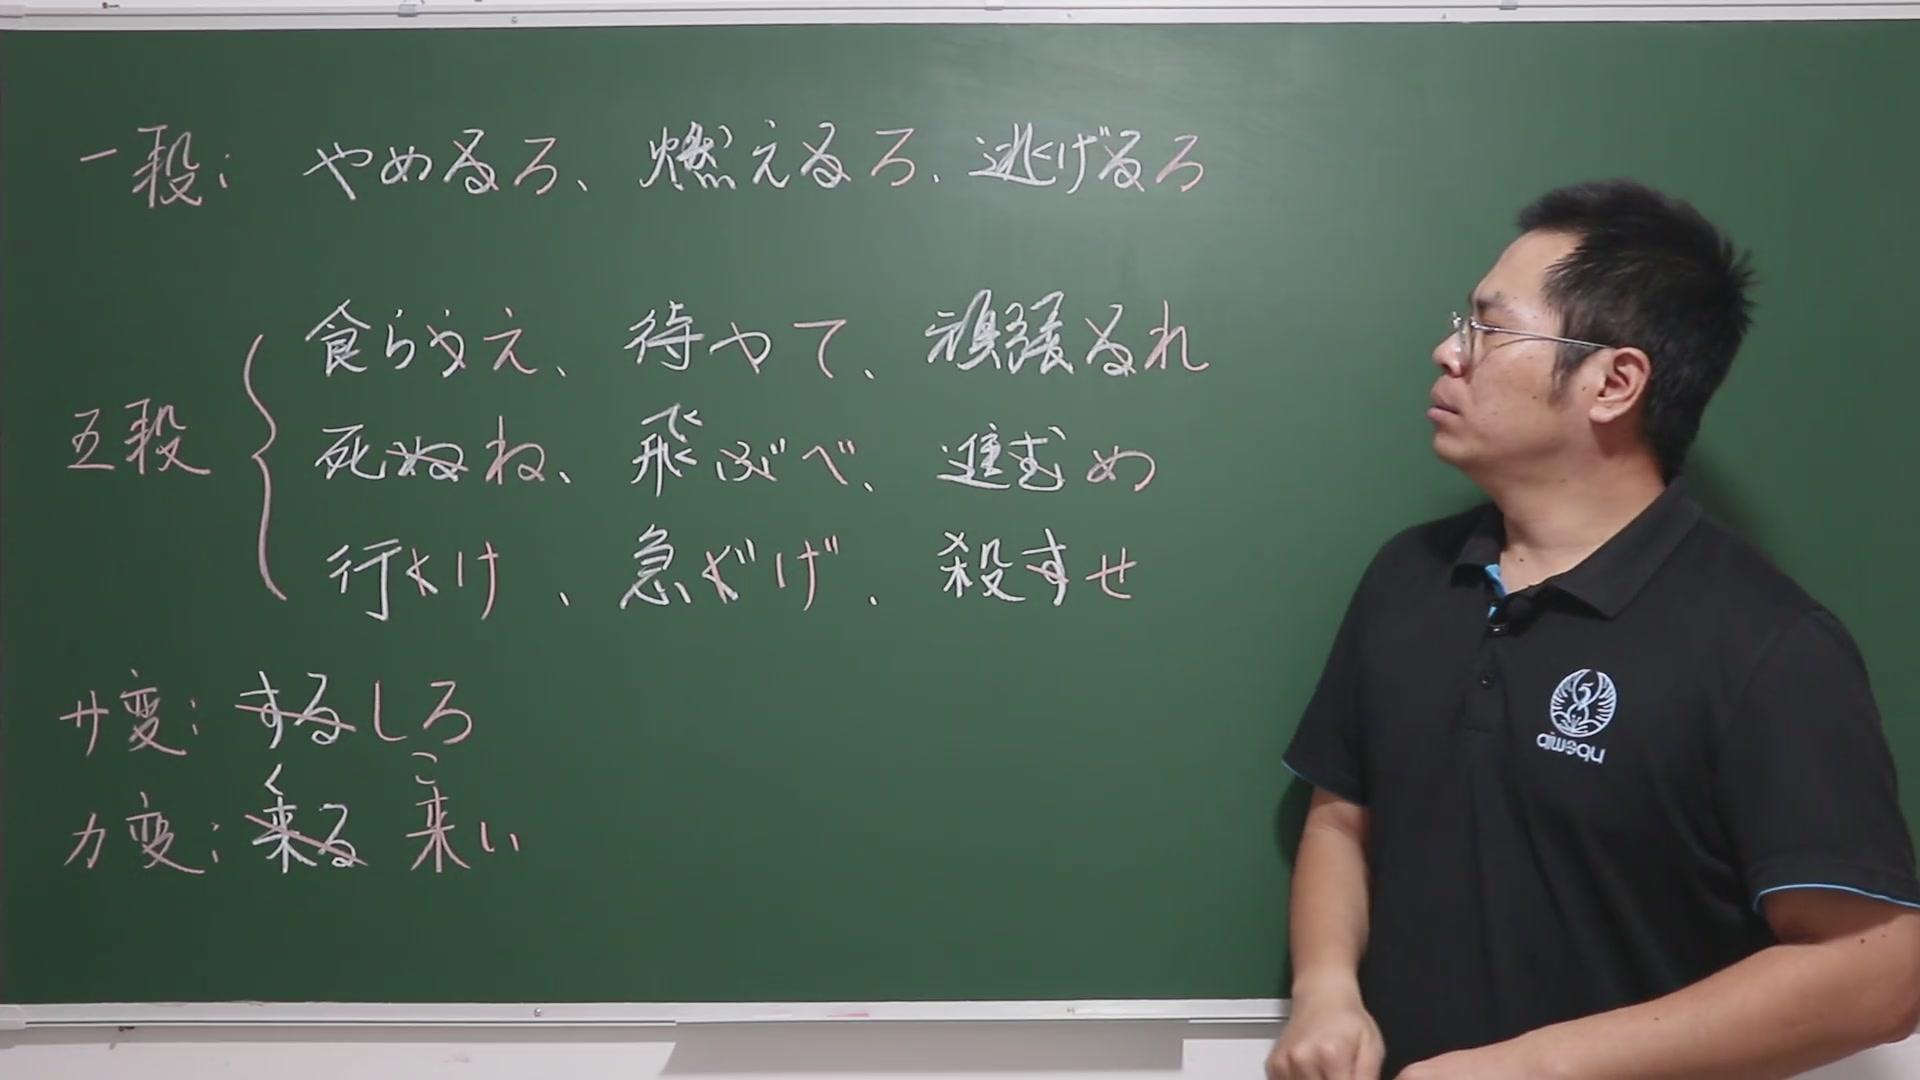 【N4语法】动词命令形